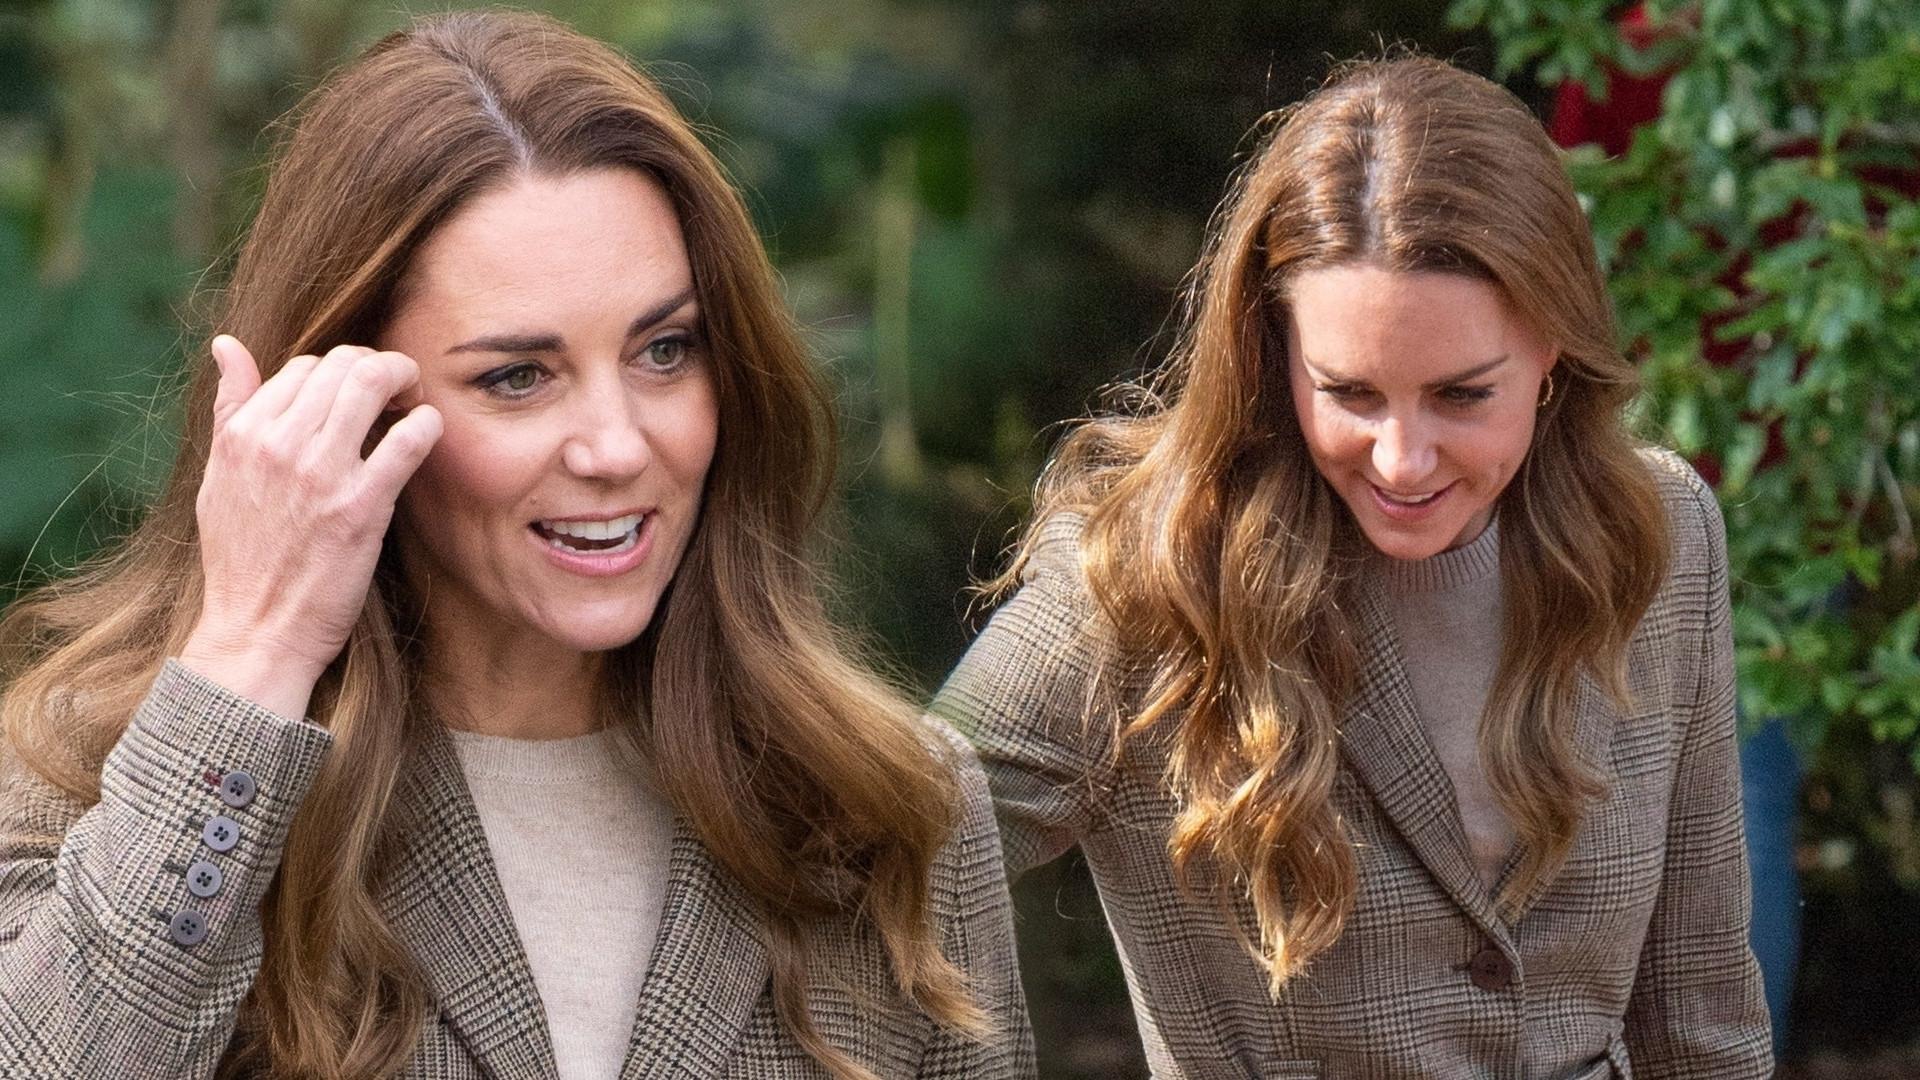 Księżna Kate łączy marynarkę z wygodnymi butami. Założyła jeansy, które wychodzą z mody